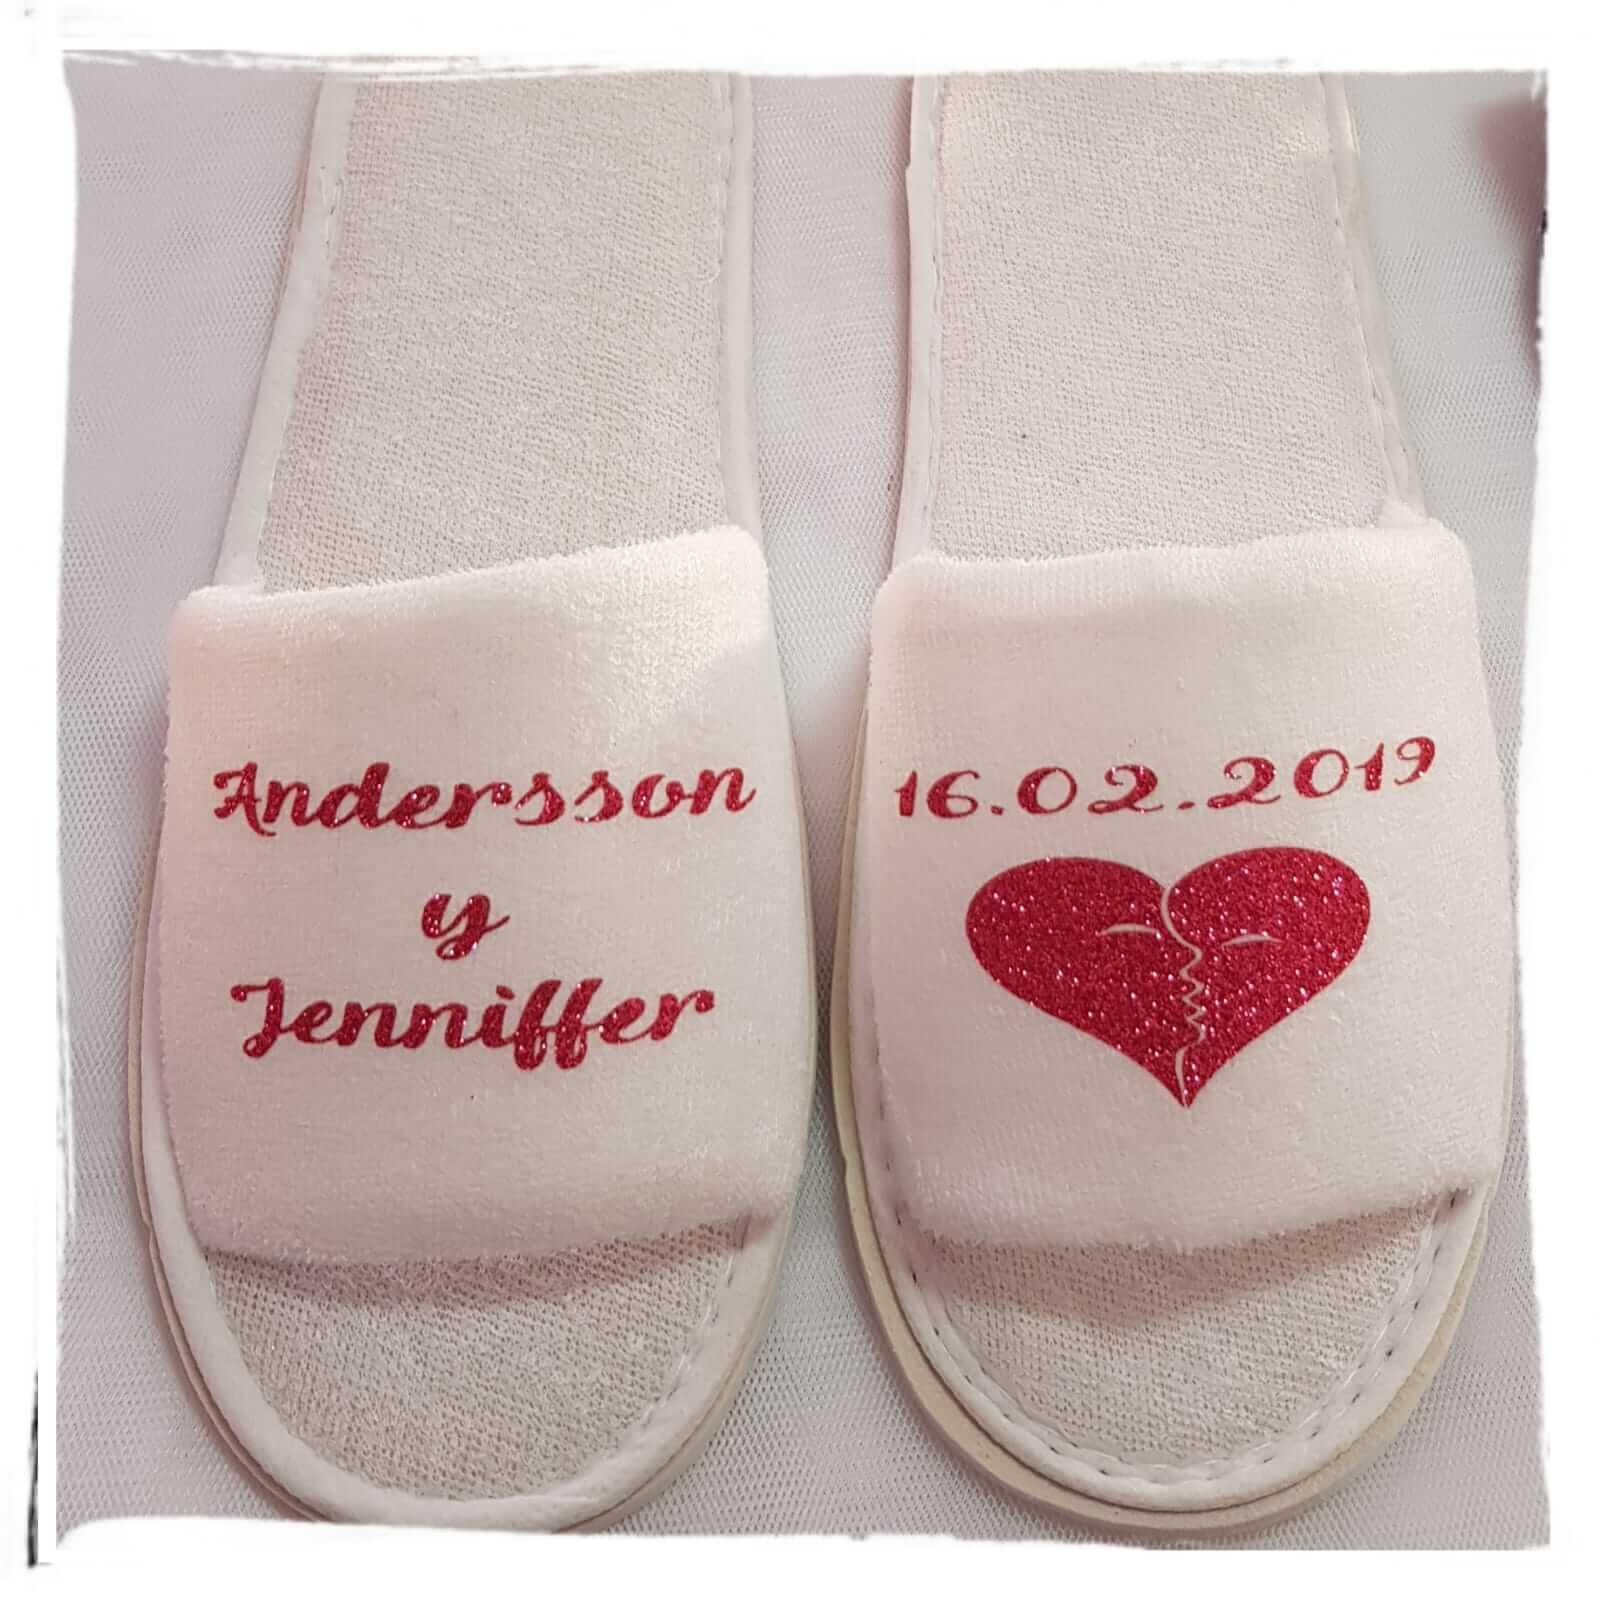 bata personalizada zapatillas personalizadas novia - Zapatillas Personalizadas detalles boda por la novia 1 - Zapatillas personalizadas novia | Zapatillas personalizadas boda